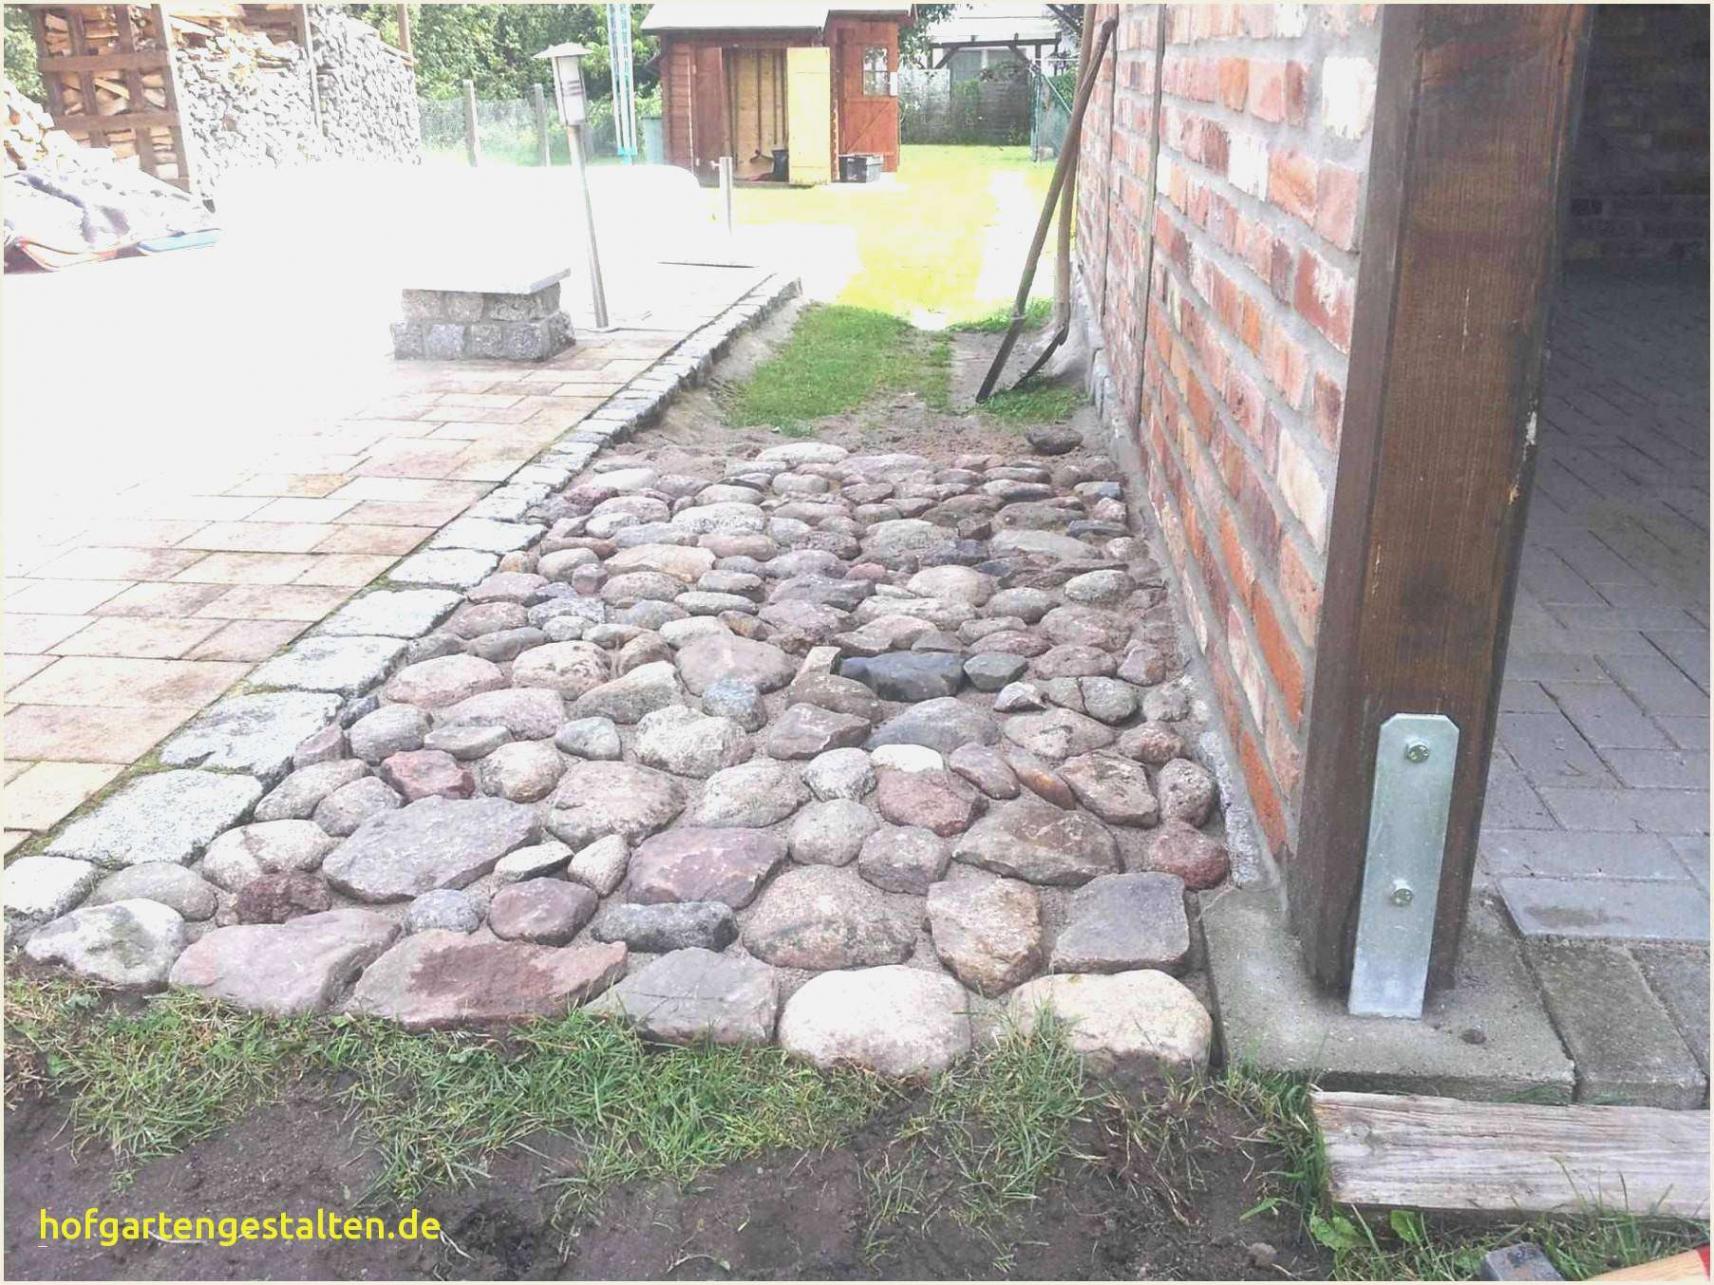 Deko Garten Stein Inspirierend Gartengestaltung Mit Holz Und Stein — Temobardz Home Blog